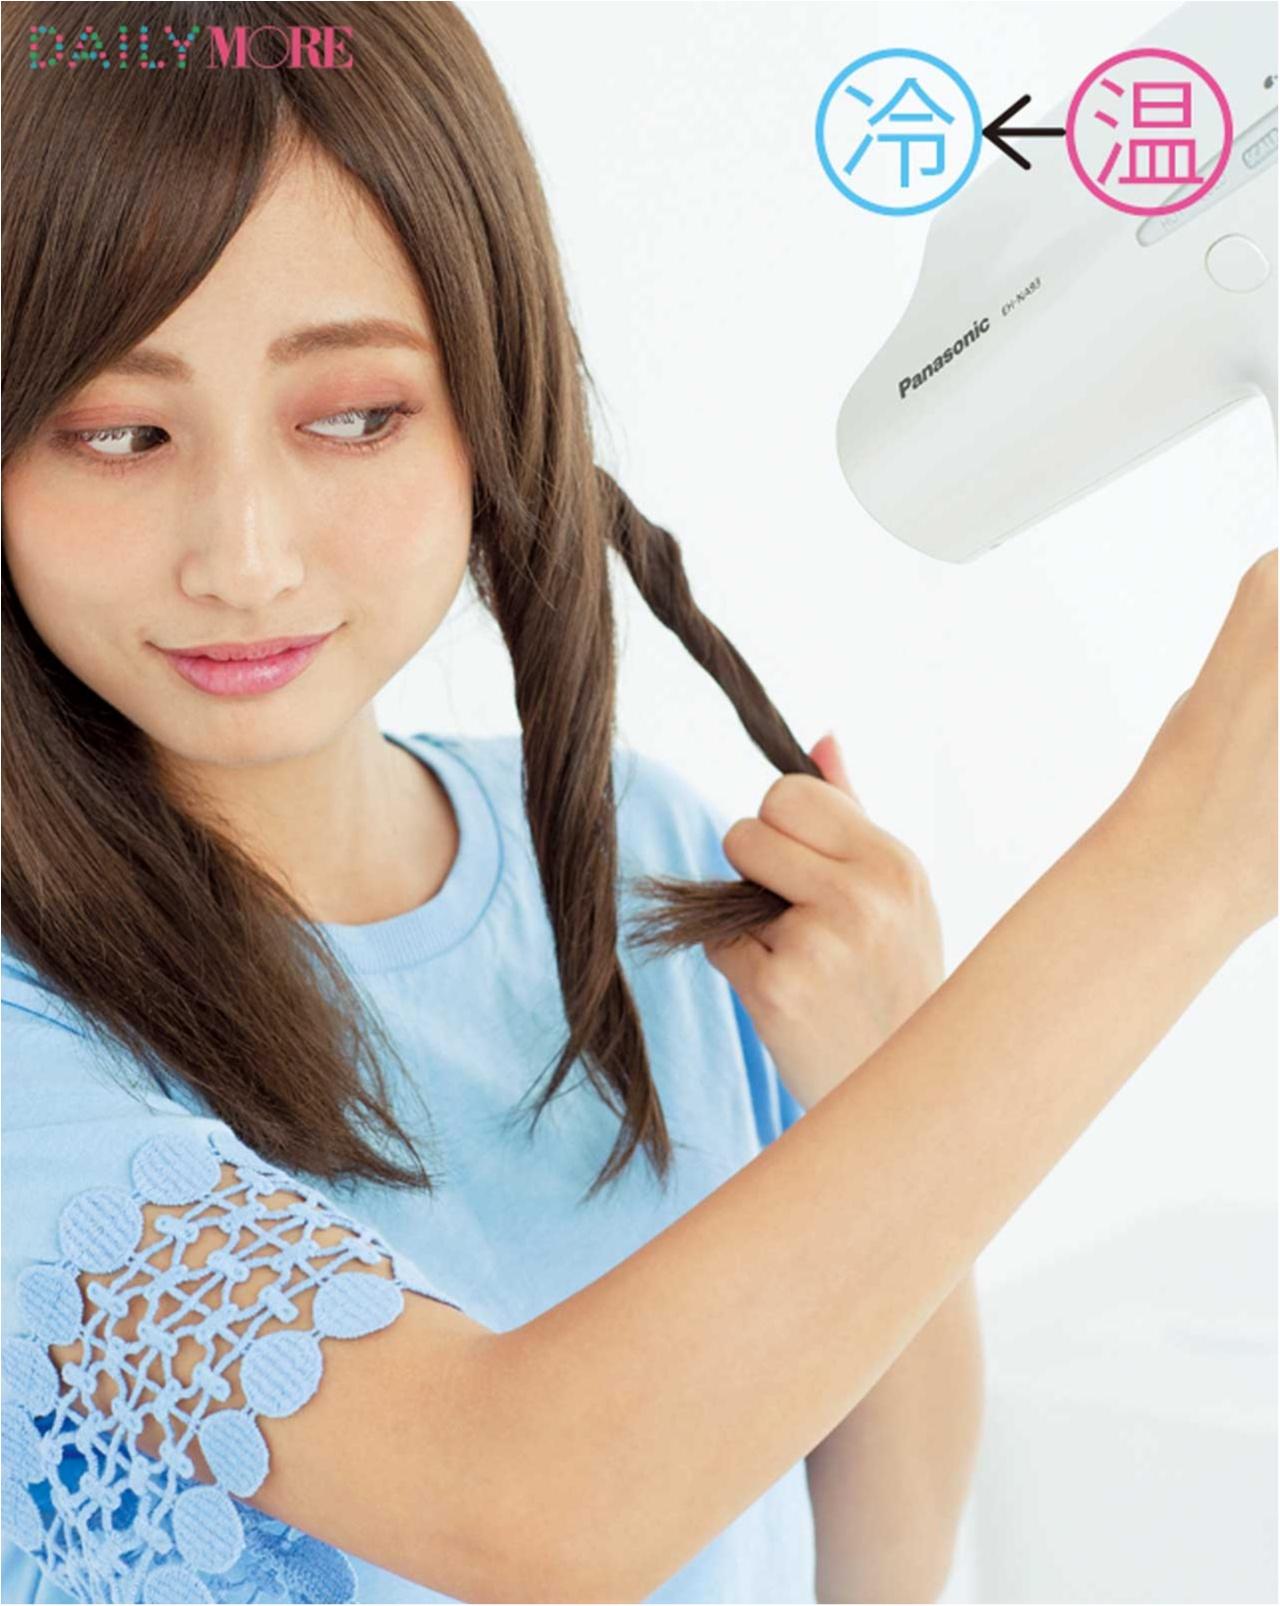 ドライヤーだけでゆるふわヘアは作れる! 美髪プロが教える「世界一正しい 髪の乾かし方」_2